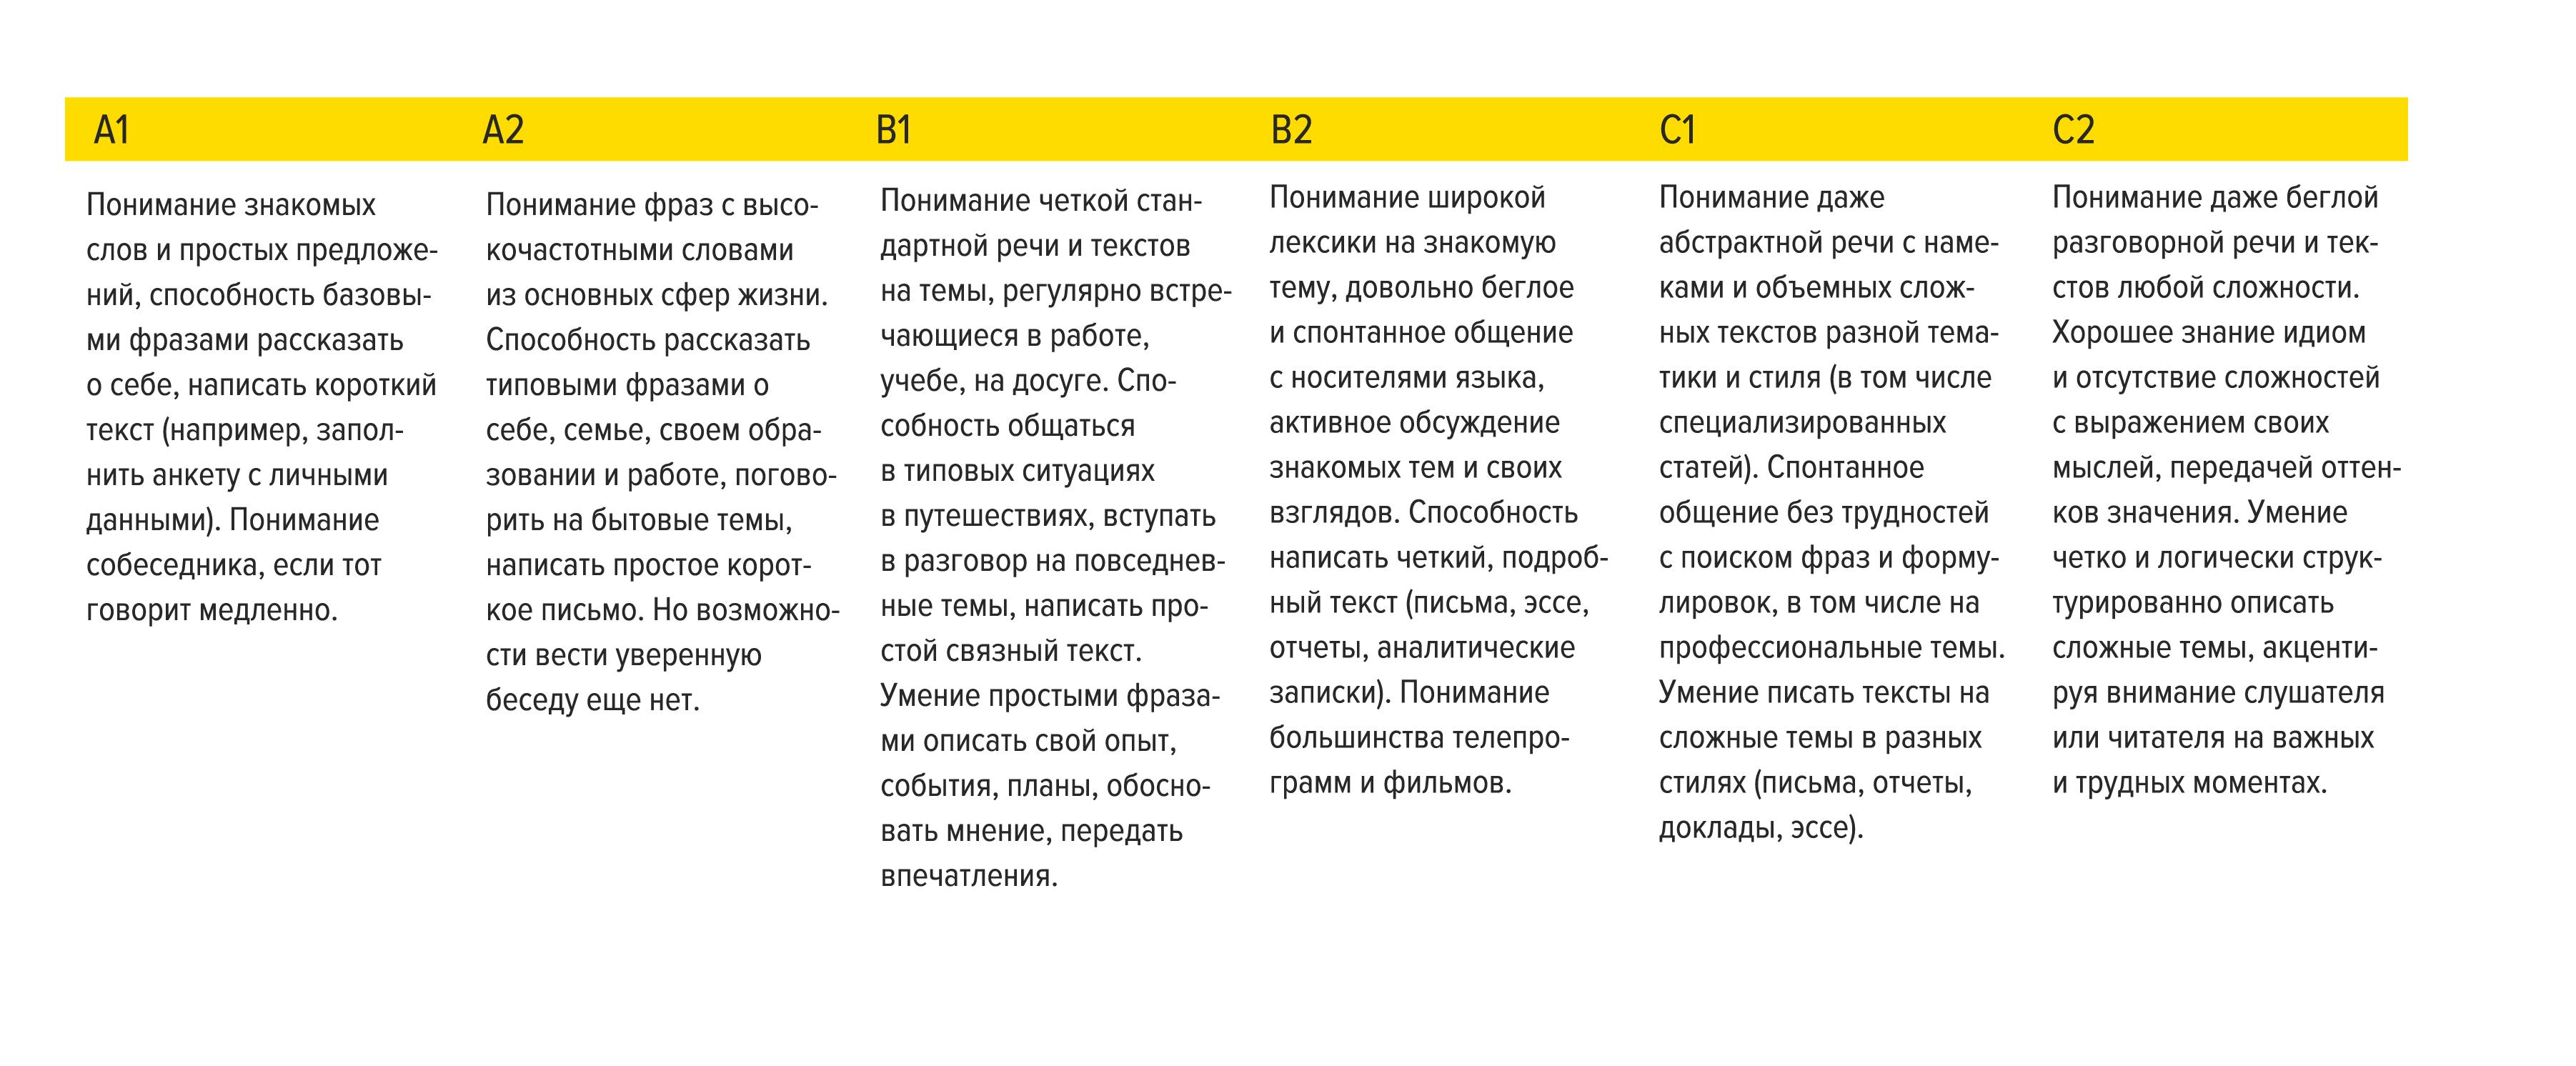 Новое в резюме: как теперь указывается уровень знания языков